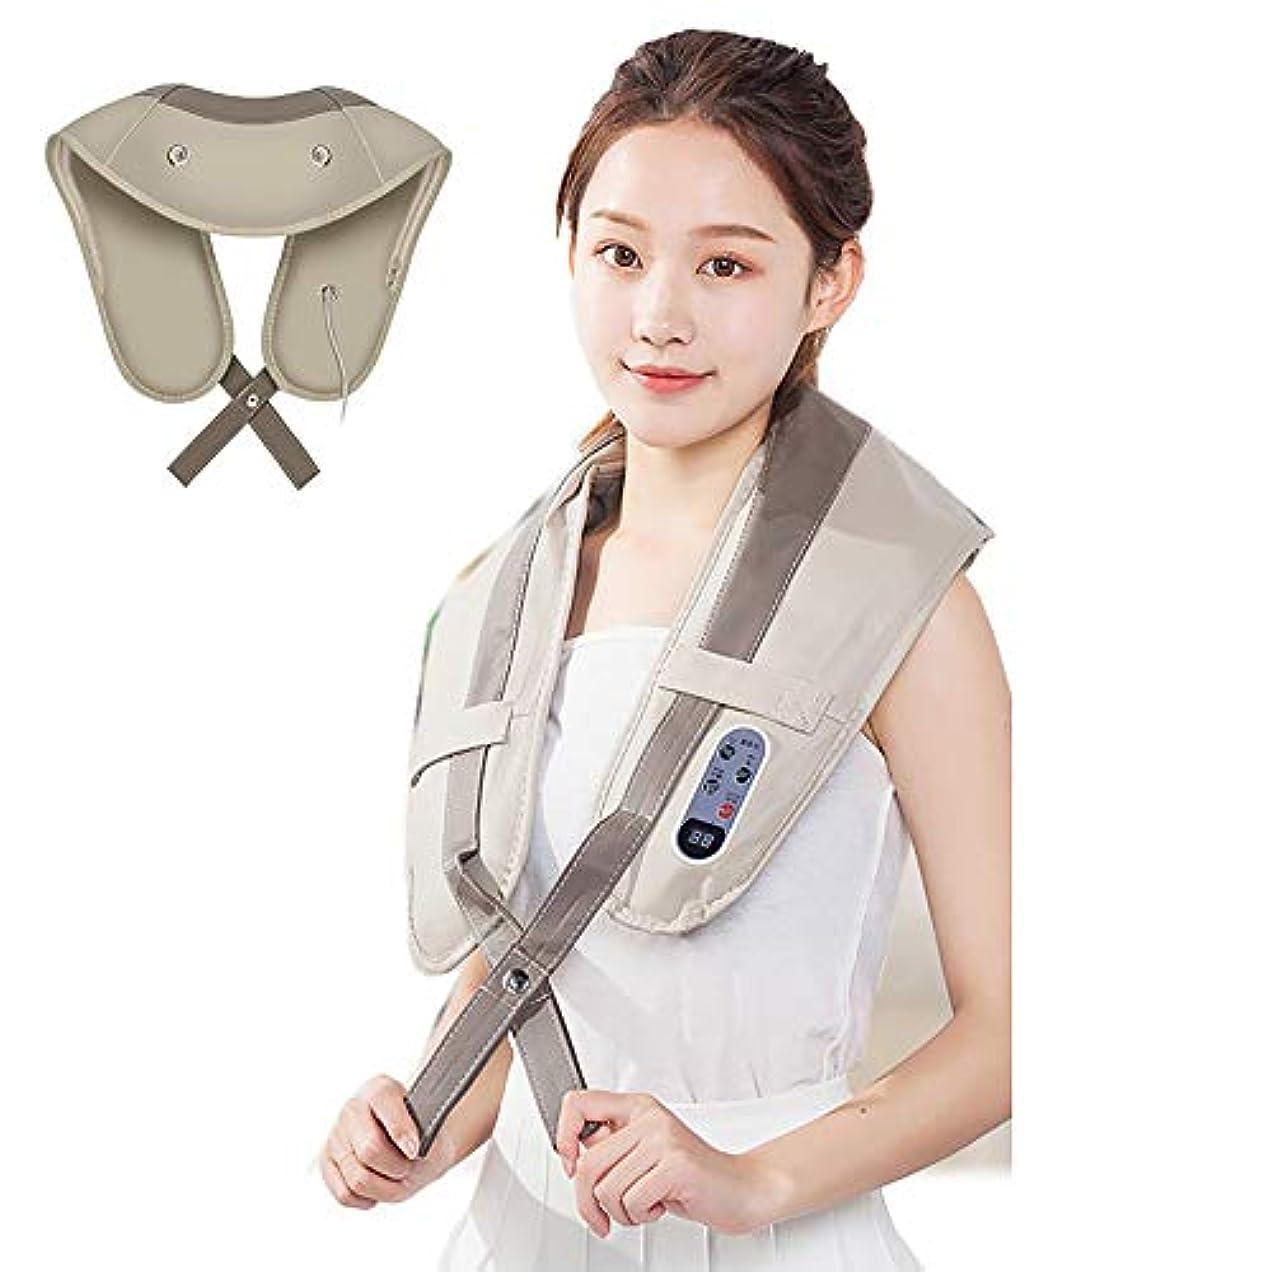 通行料金藤色敬意を表して背中の痛みを軽減するための頸椎ウエストマッサージャーショール-肩のマッサージでポータブルバンギングピローバックマッサージャーベルト-フルボディマッサージャー